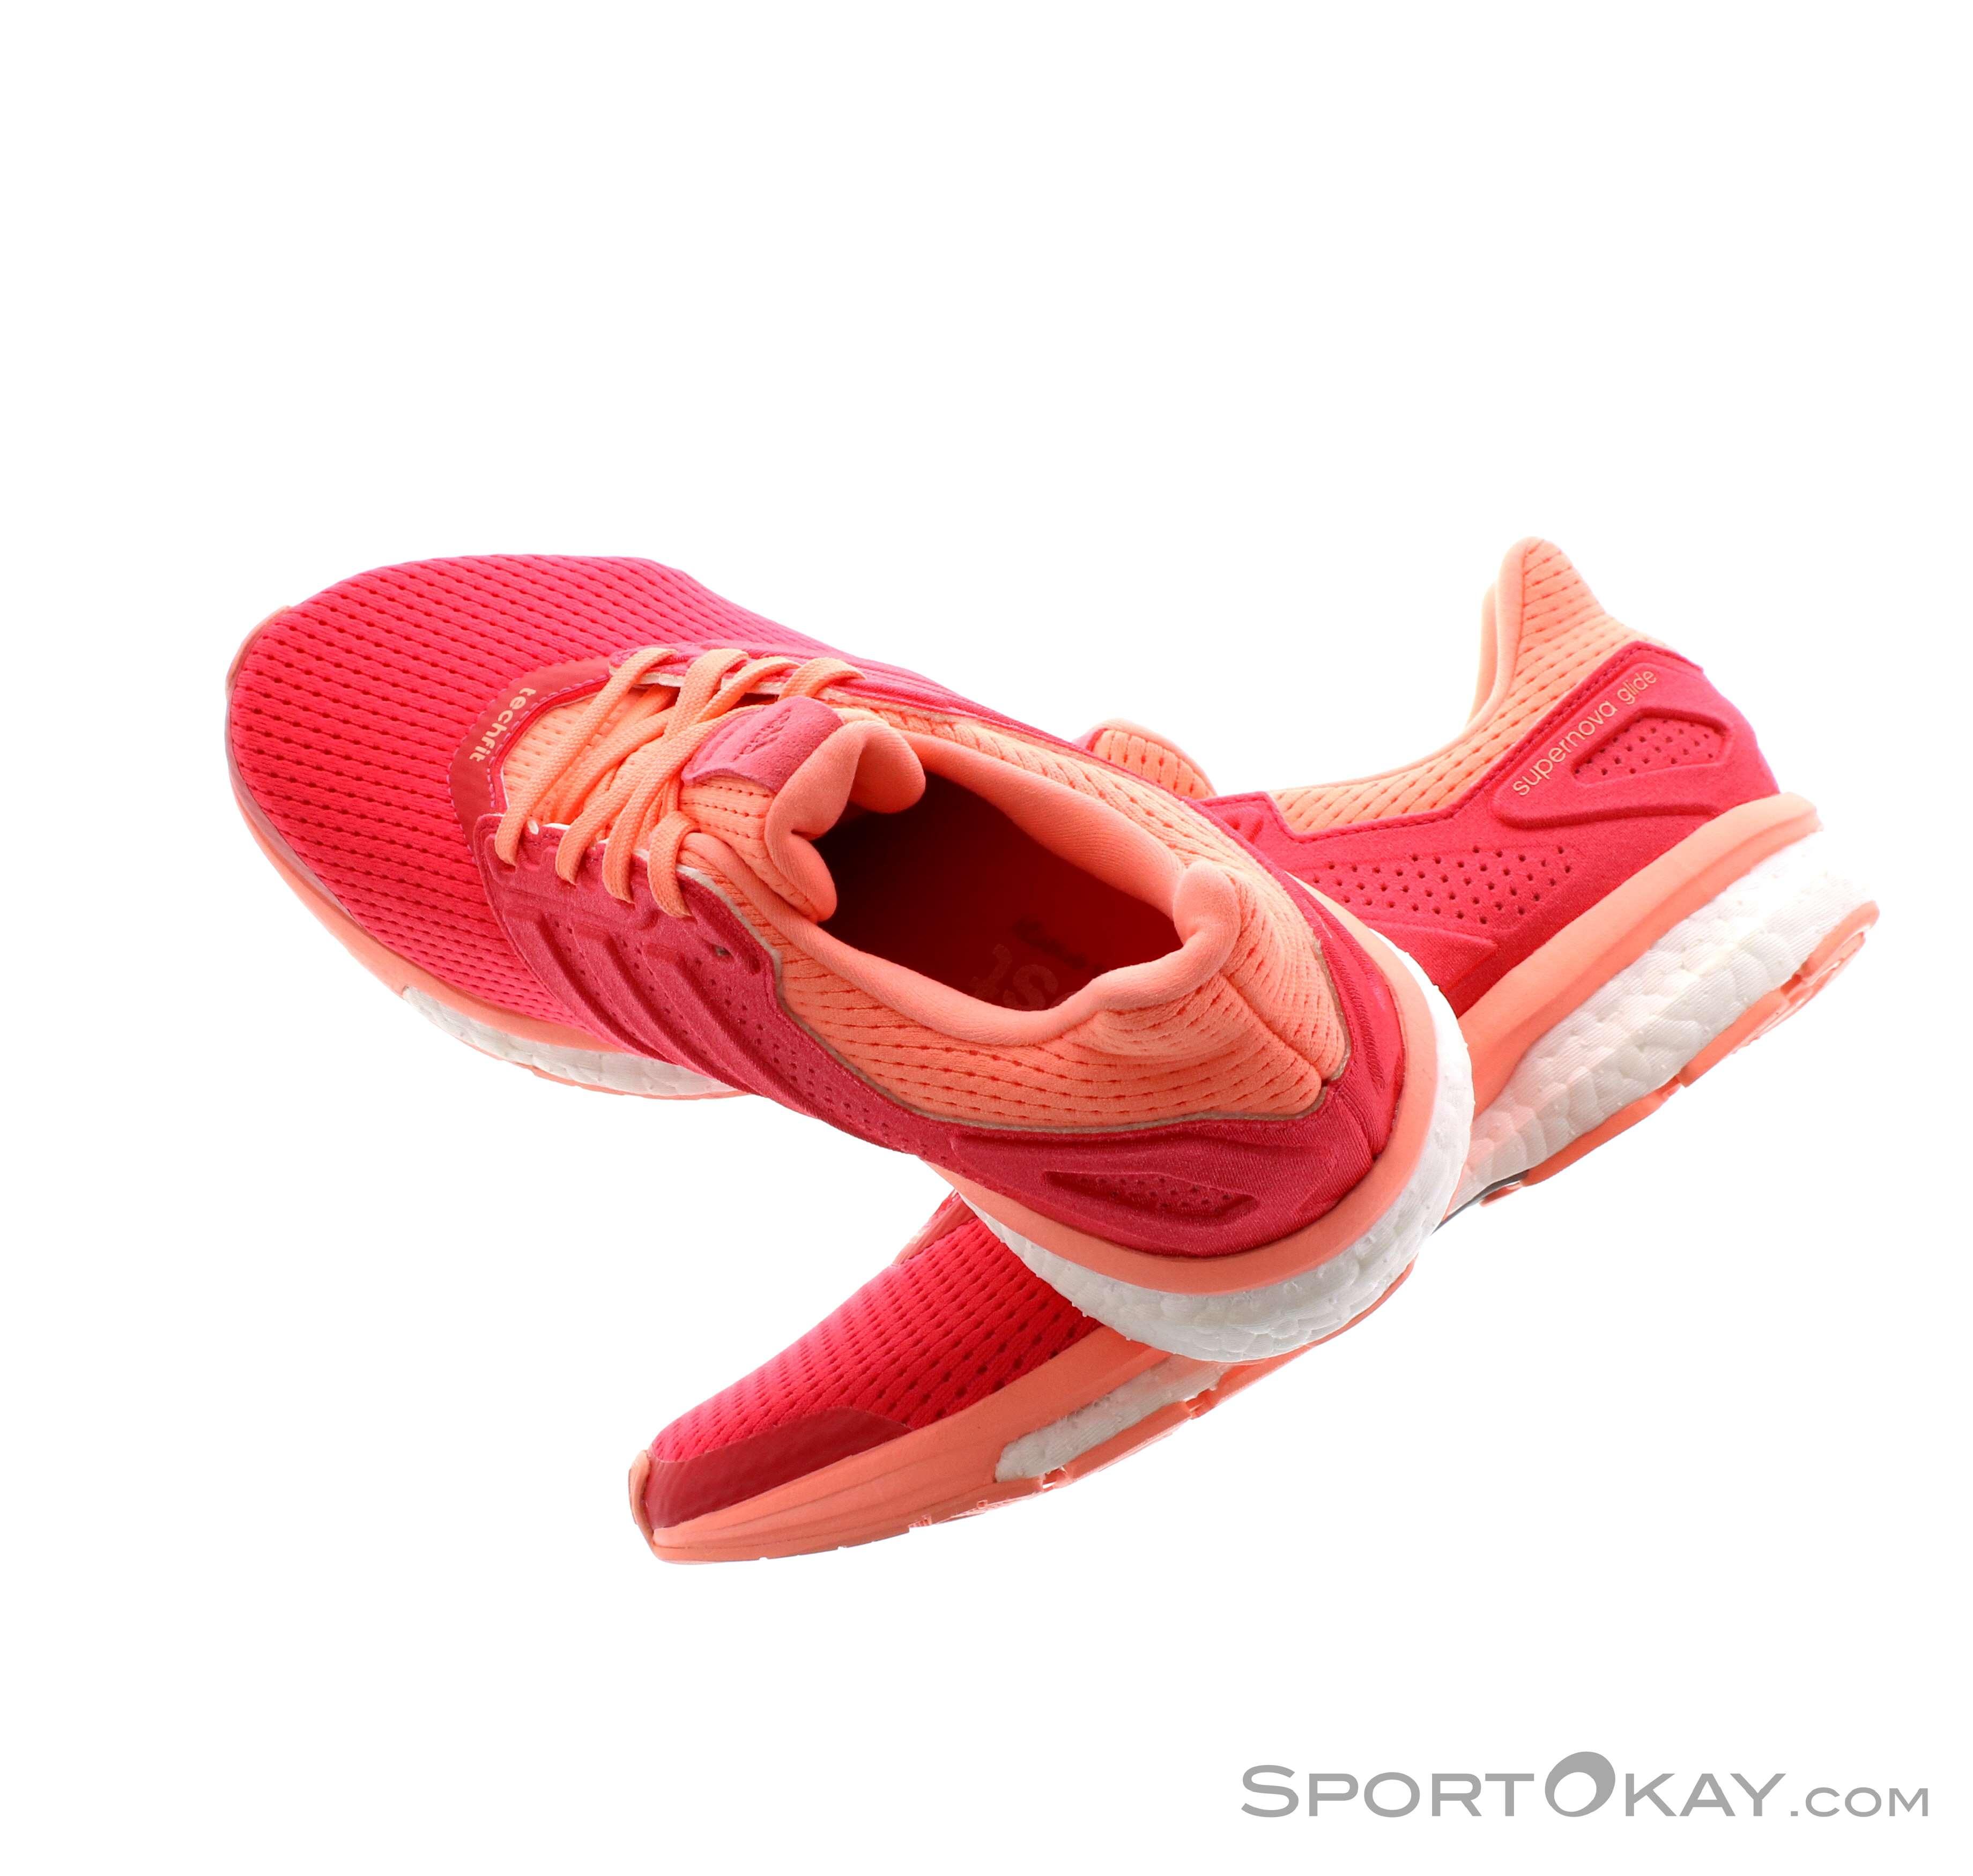 adidas glide boost rosa